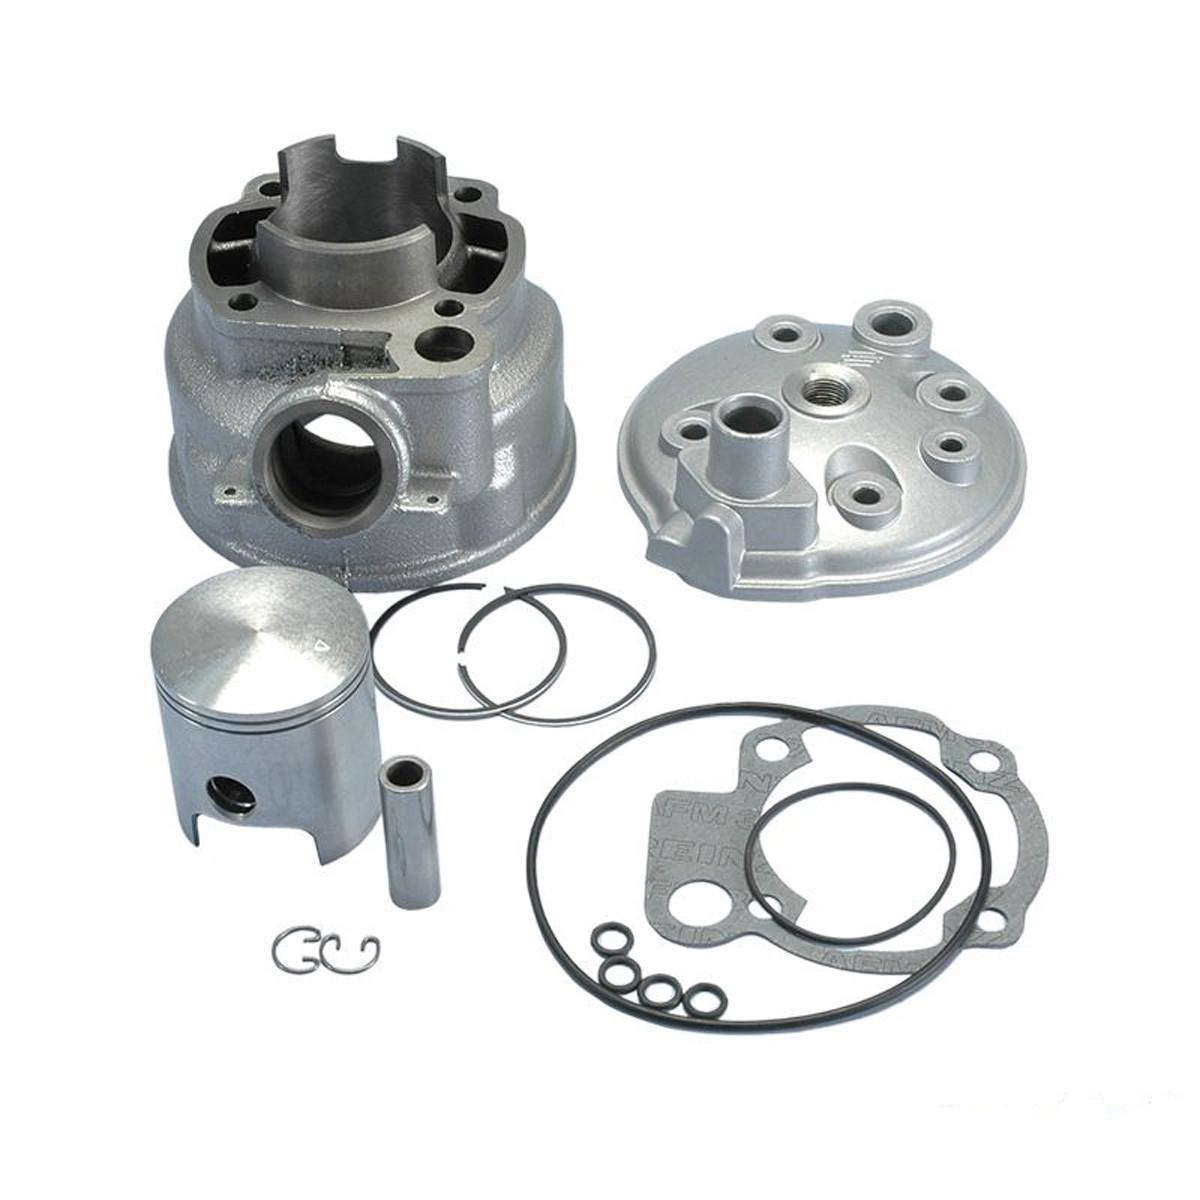 Haut moteur Mécaboite AM6 Fonte 80cc - POLINI